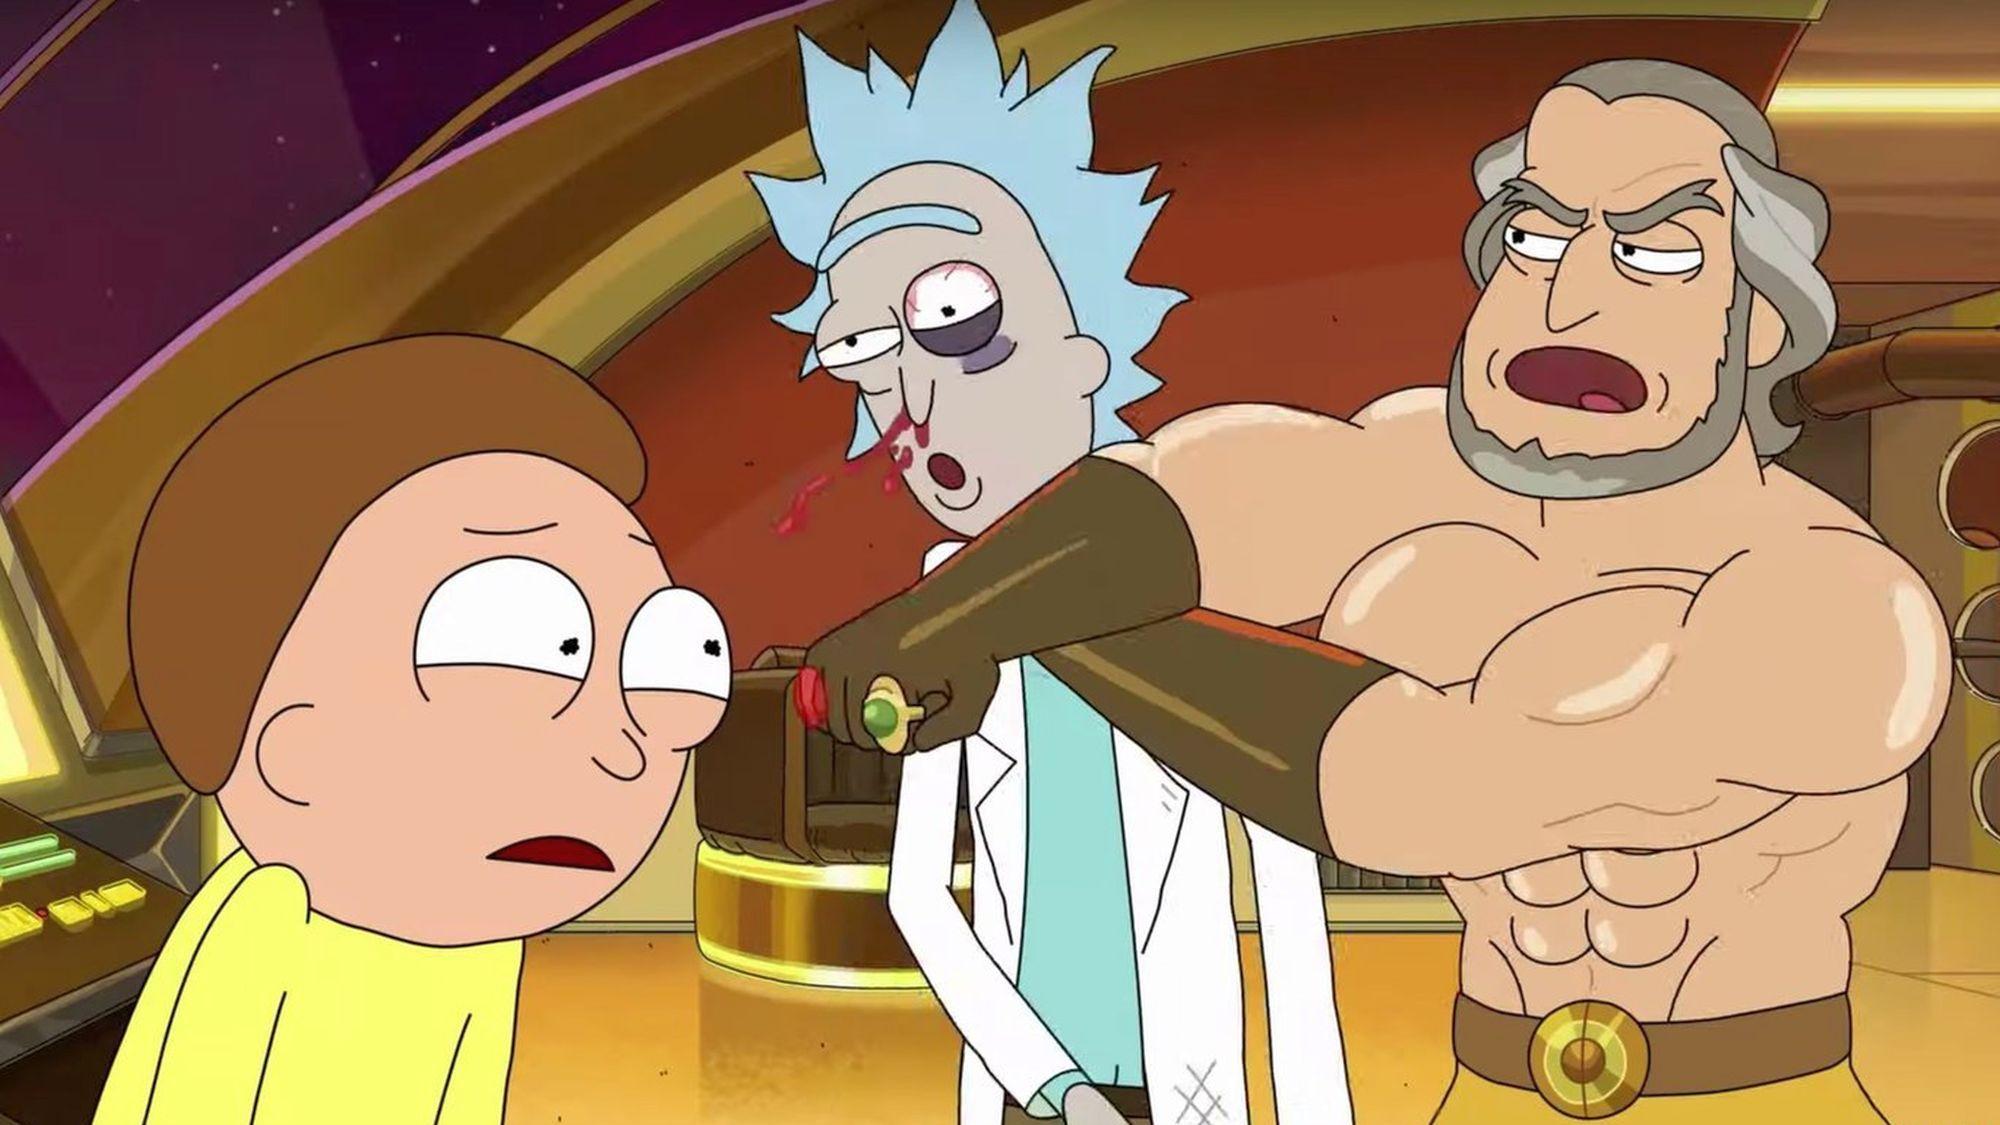 Crítica De Rick Y Morty 4x06 Una Ración De Antología Hobbyconsolas Entretenimiento